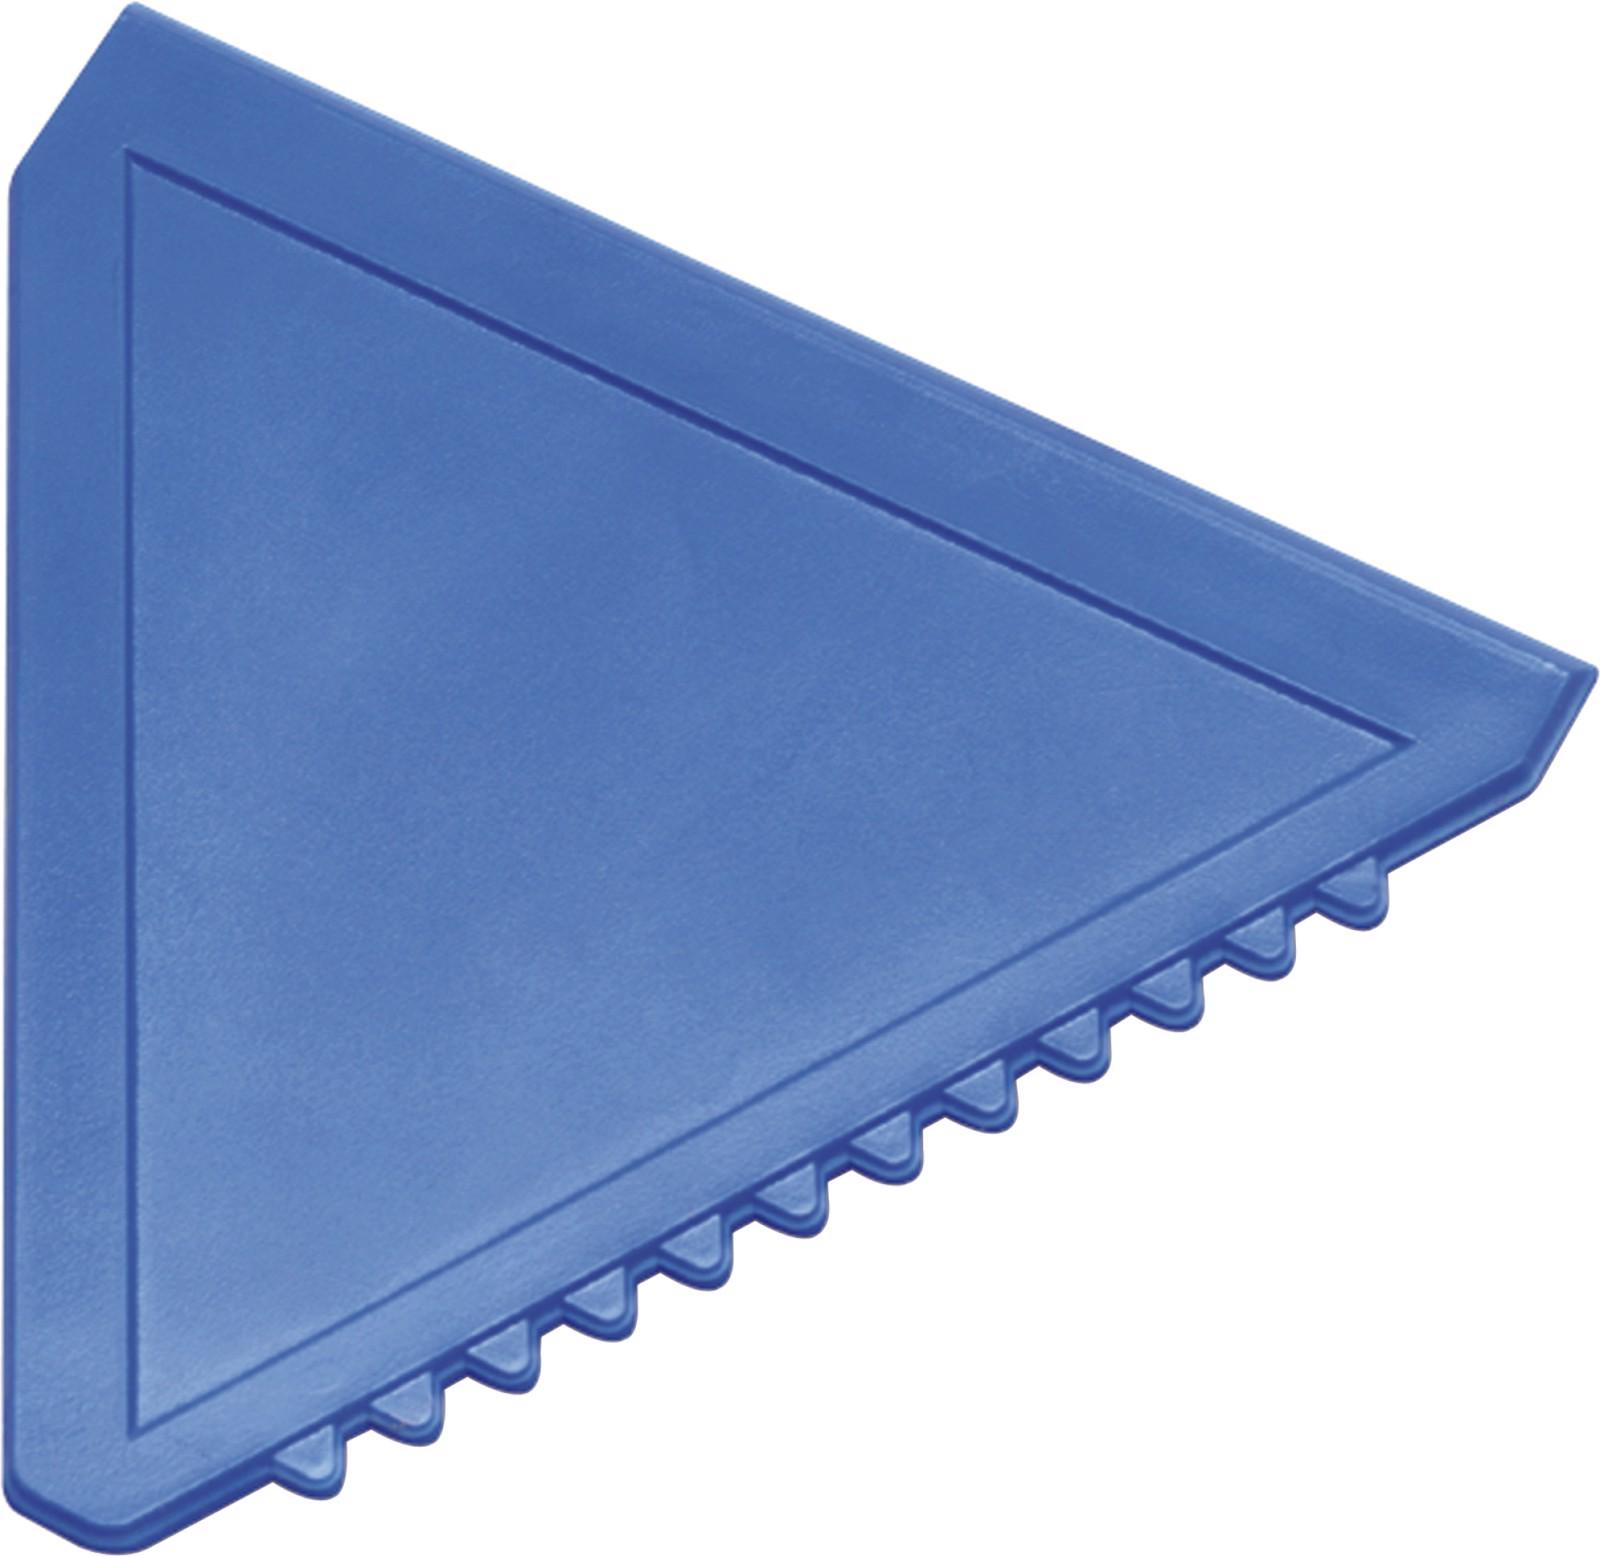 PS ice scraper - Blue